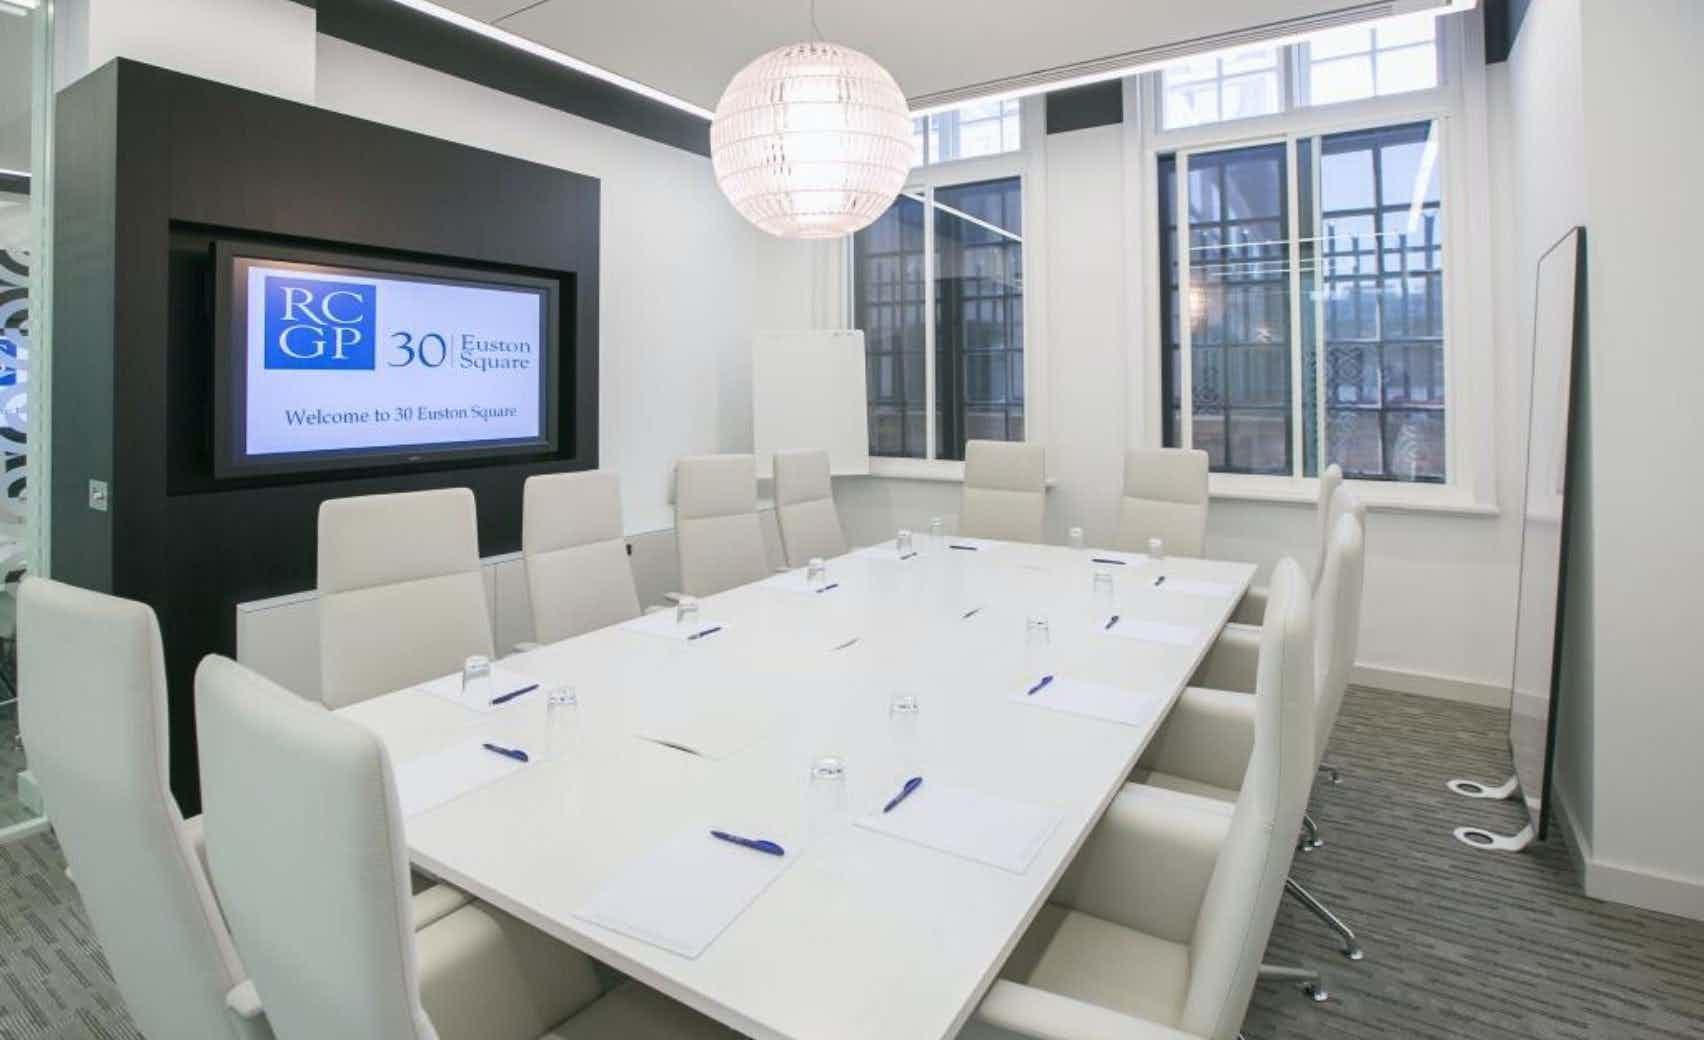 Ground Floor Meeting Room 14, 30 Euston Square